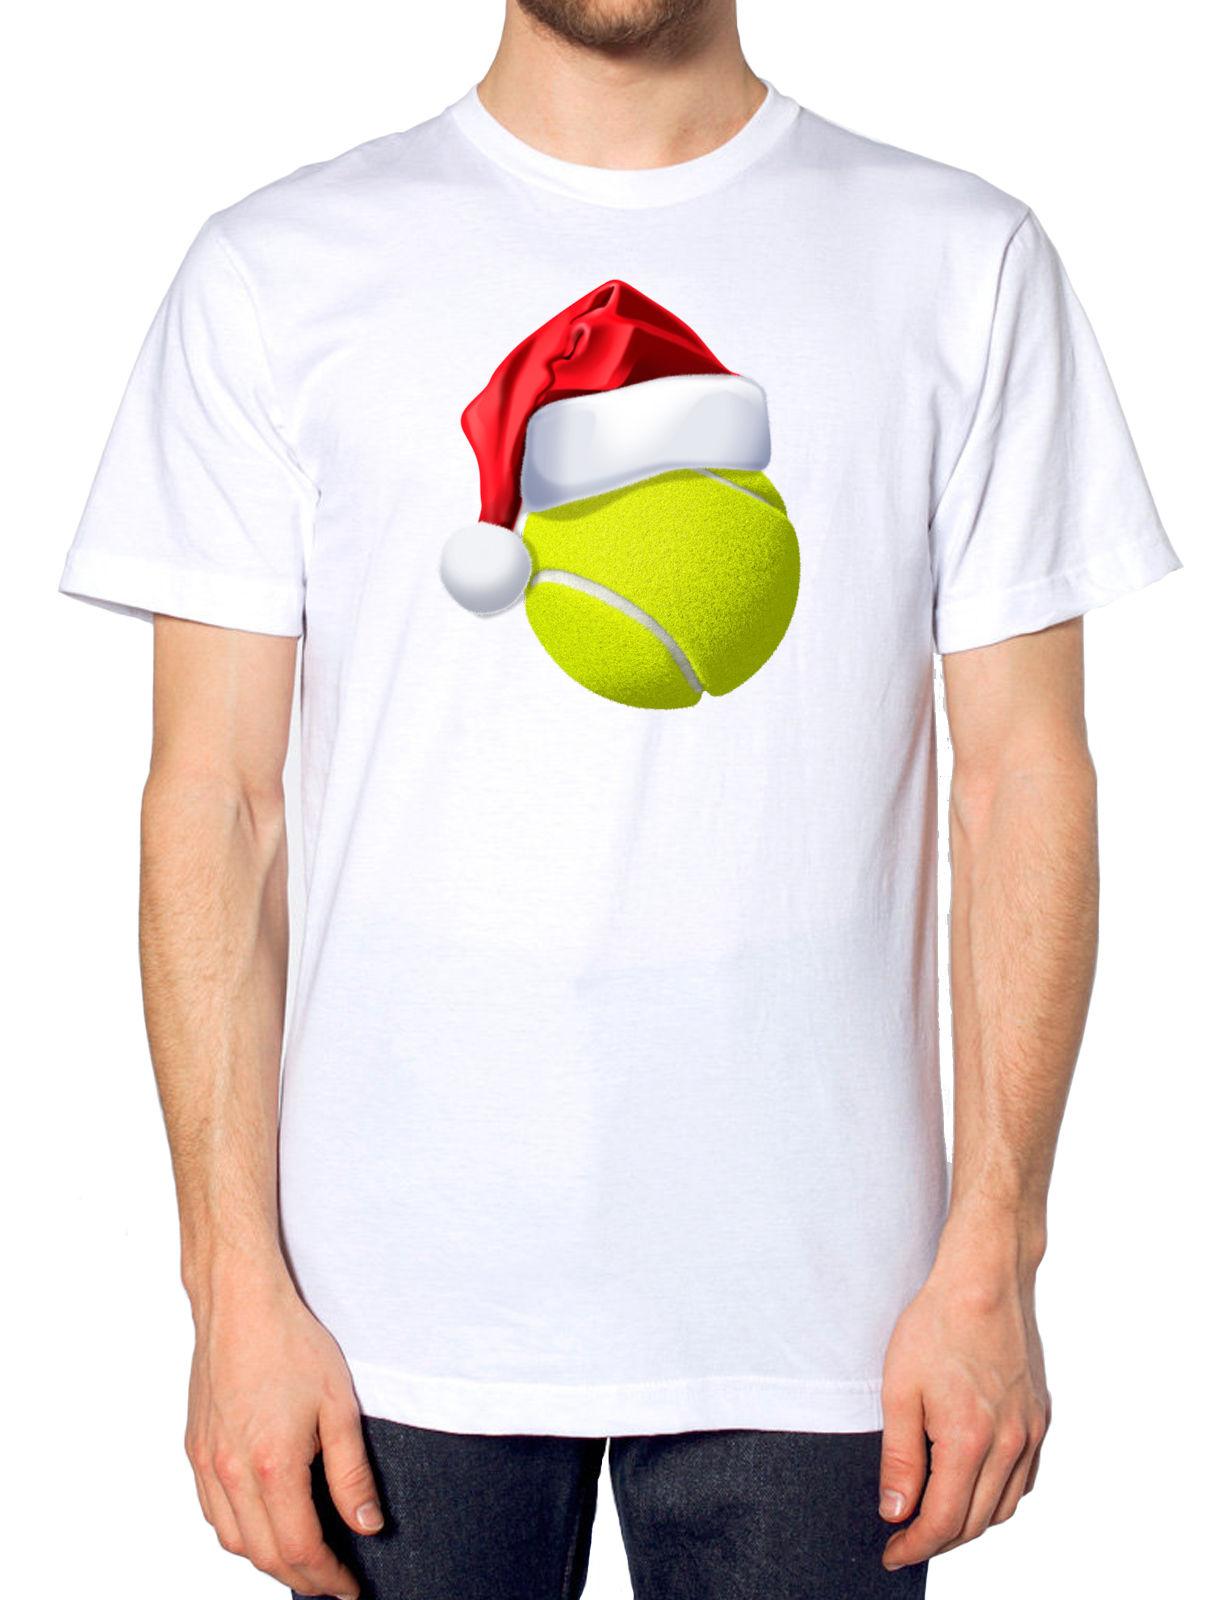 Tenniser Ball Christmas Santa Hat T Shirt Sportsman Festive Novelty Joke Gift